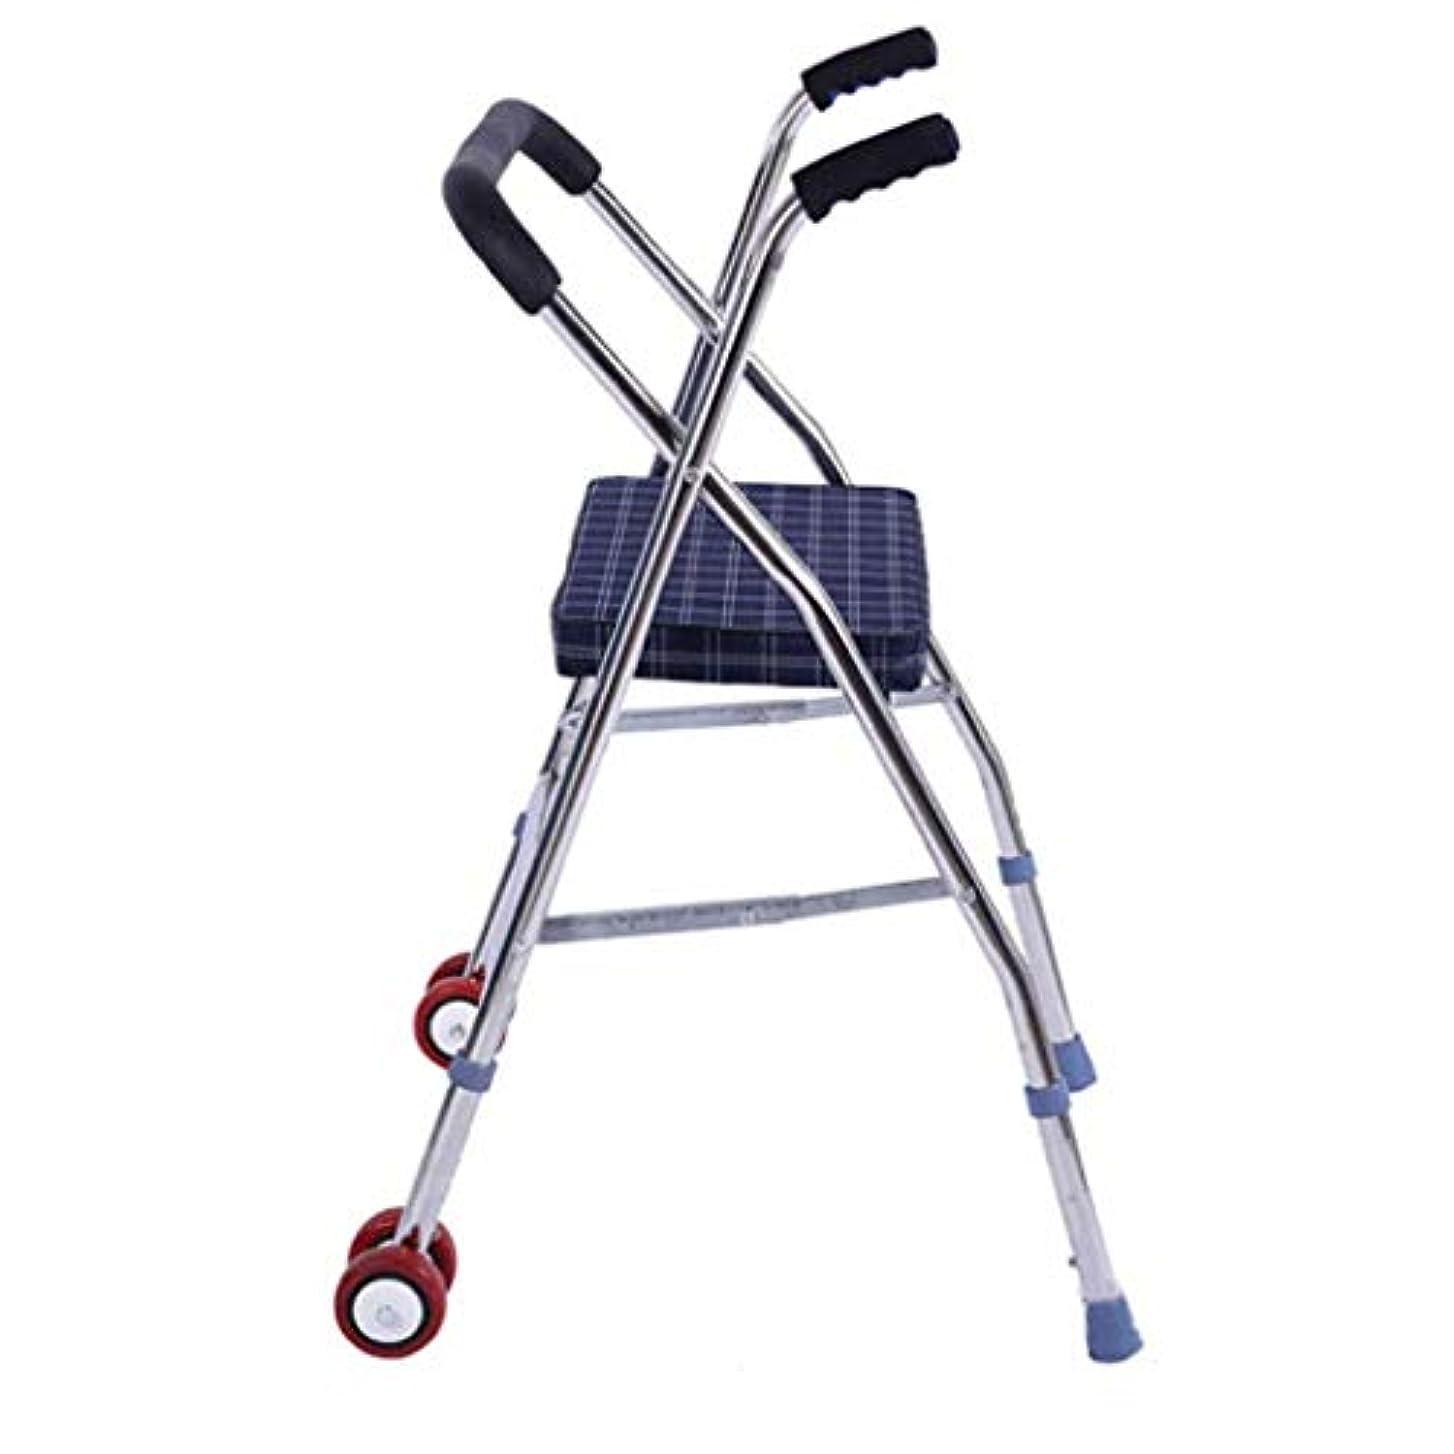 に話すショート哲学年配の歩行者、ステンレス鋼の動かされた歩行者調節可能な高さの折り畳み式の軽量の歩行者補助歩行者